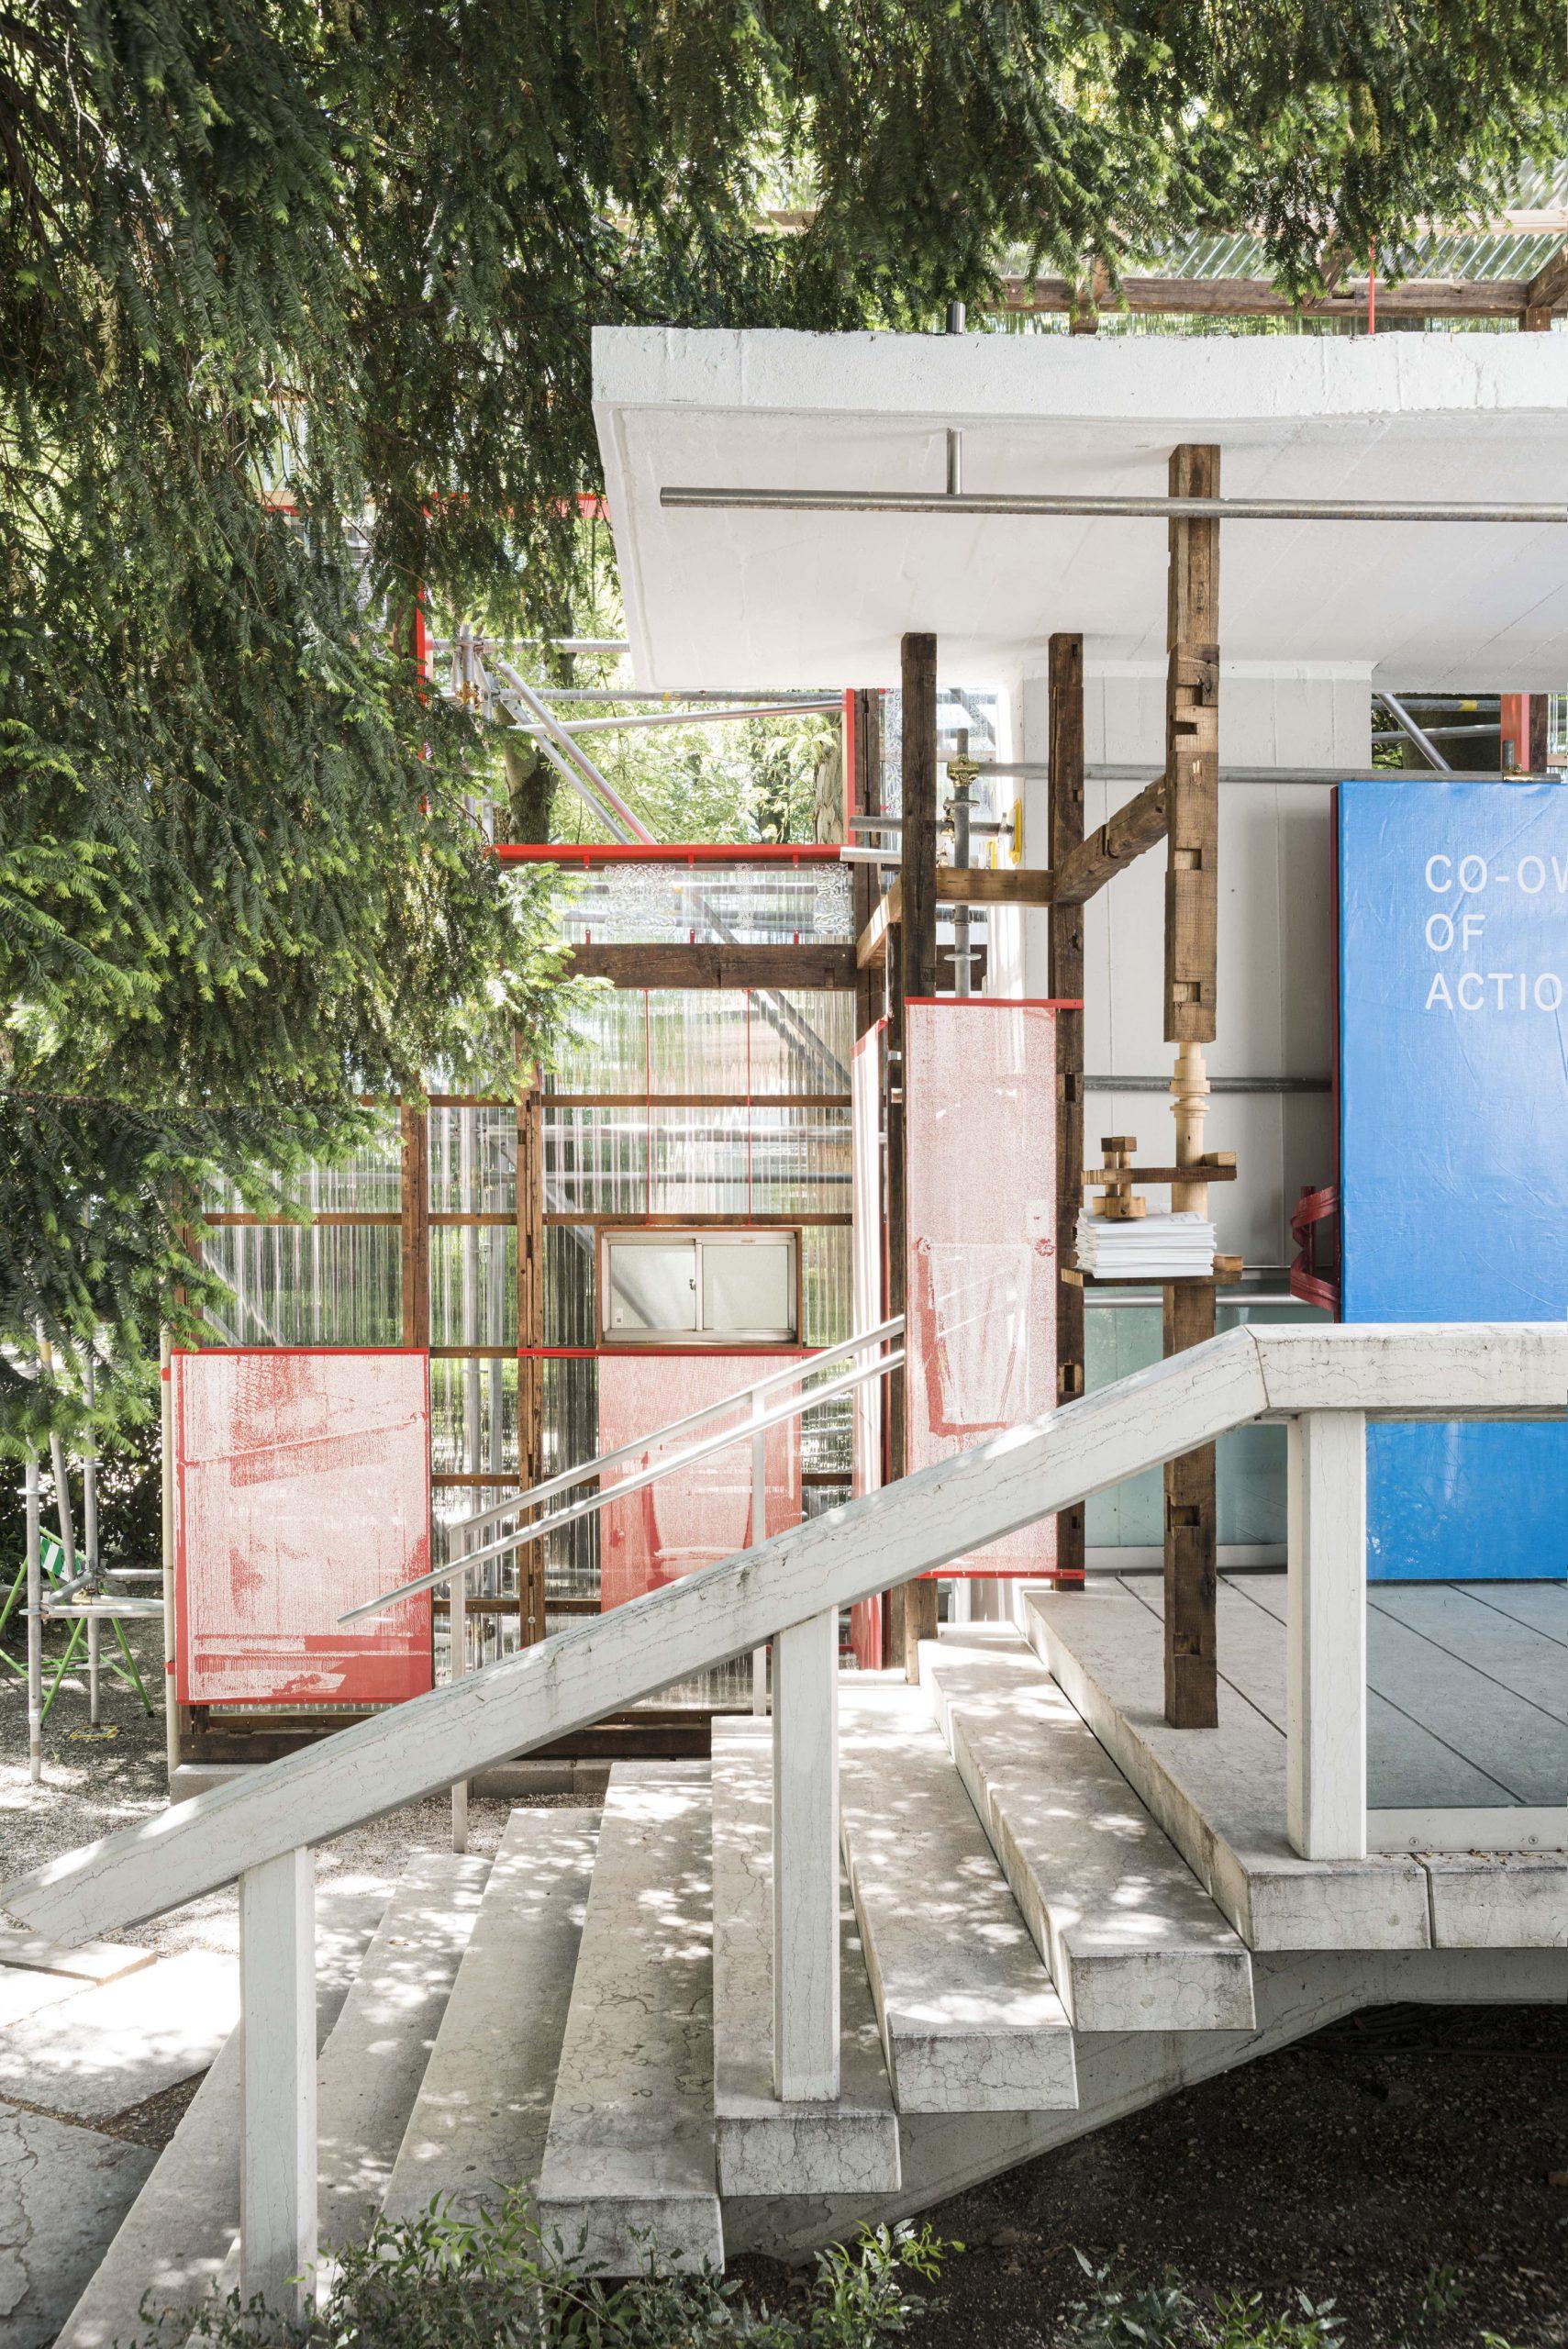 Entrance to Japan Pavilion at the Venice Architecture Biennale